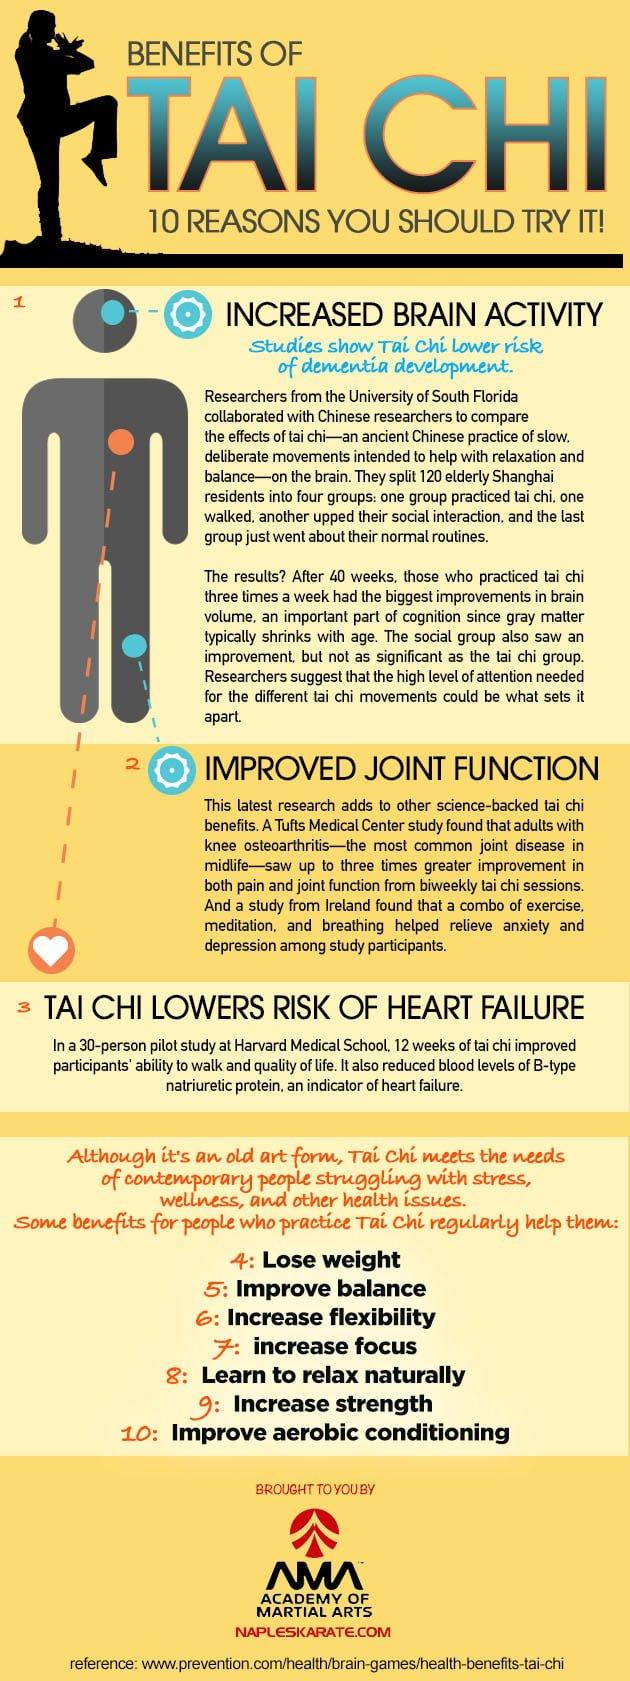 Benefits of Tai Chi Infographic